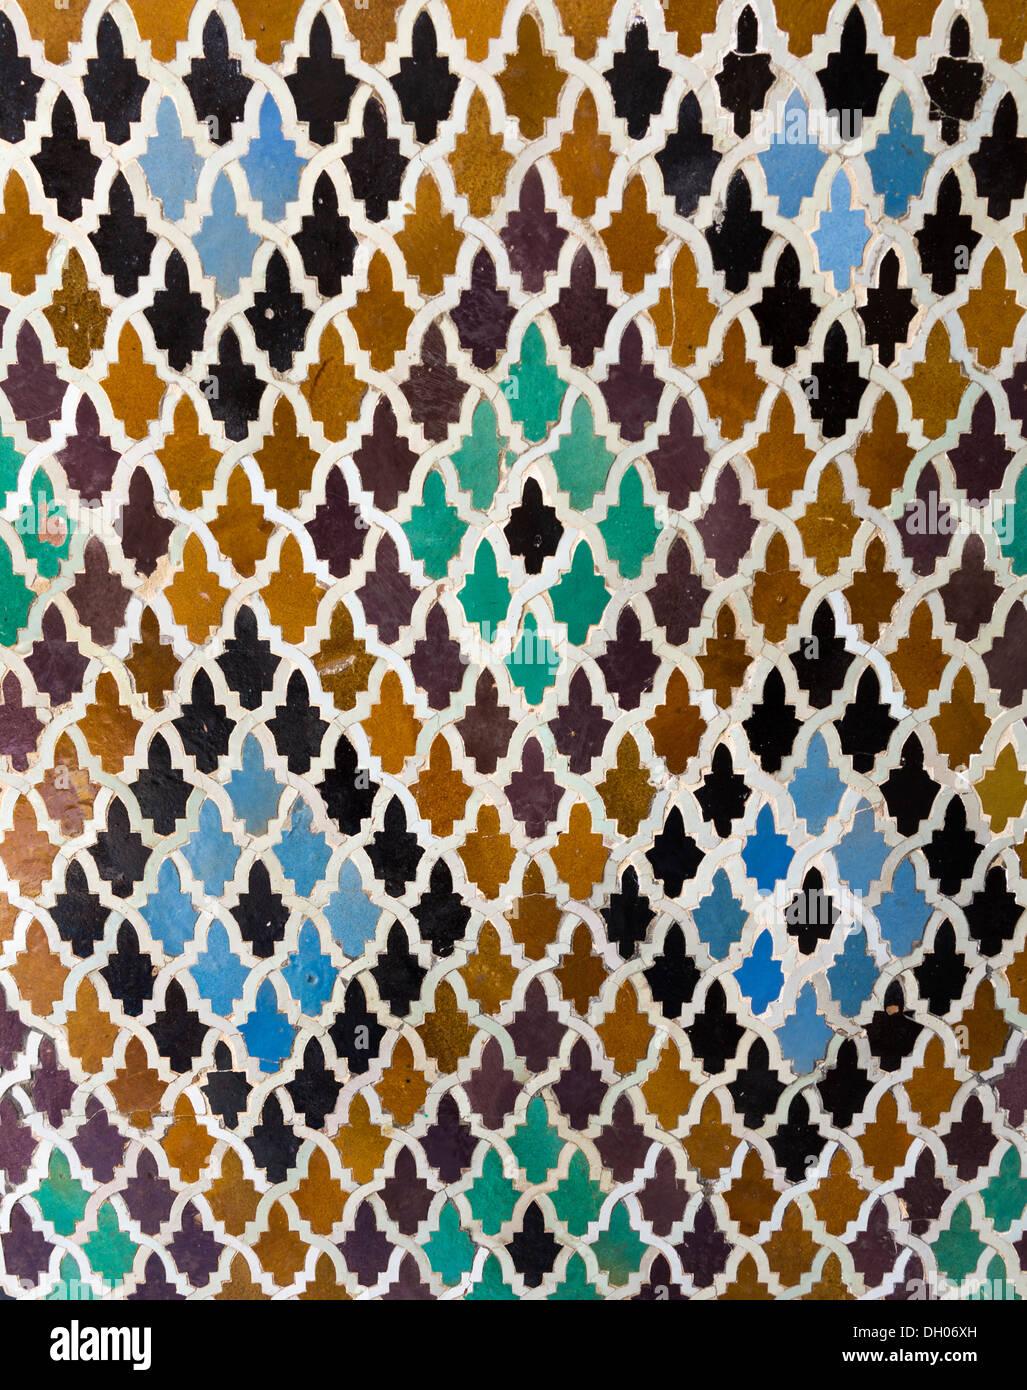 Patrón orientales mosaico de azulejos en una mezquita en Marruecos formando formas de diamante Imagen De Stock